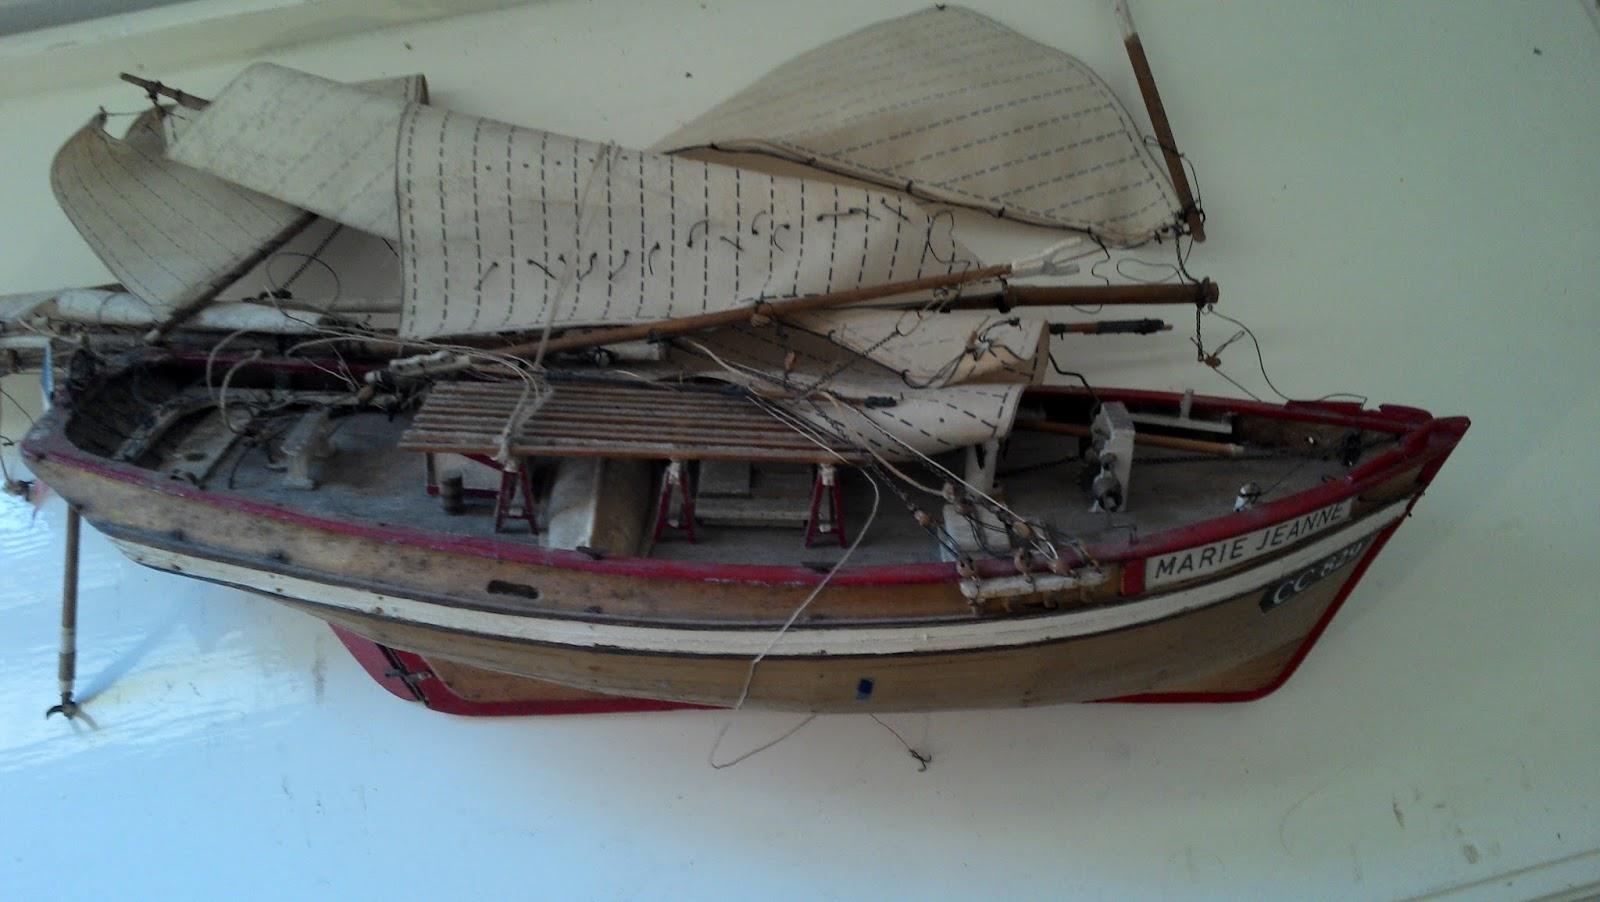 Maquette de bateau voilier canot de bassin marine jouet ancien bois le marie jeanne showroom - Voilier de bassin ancien nanterre ...